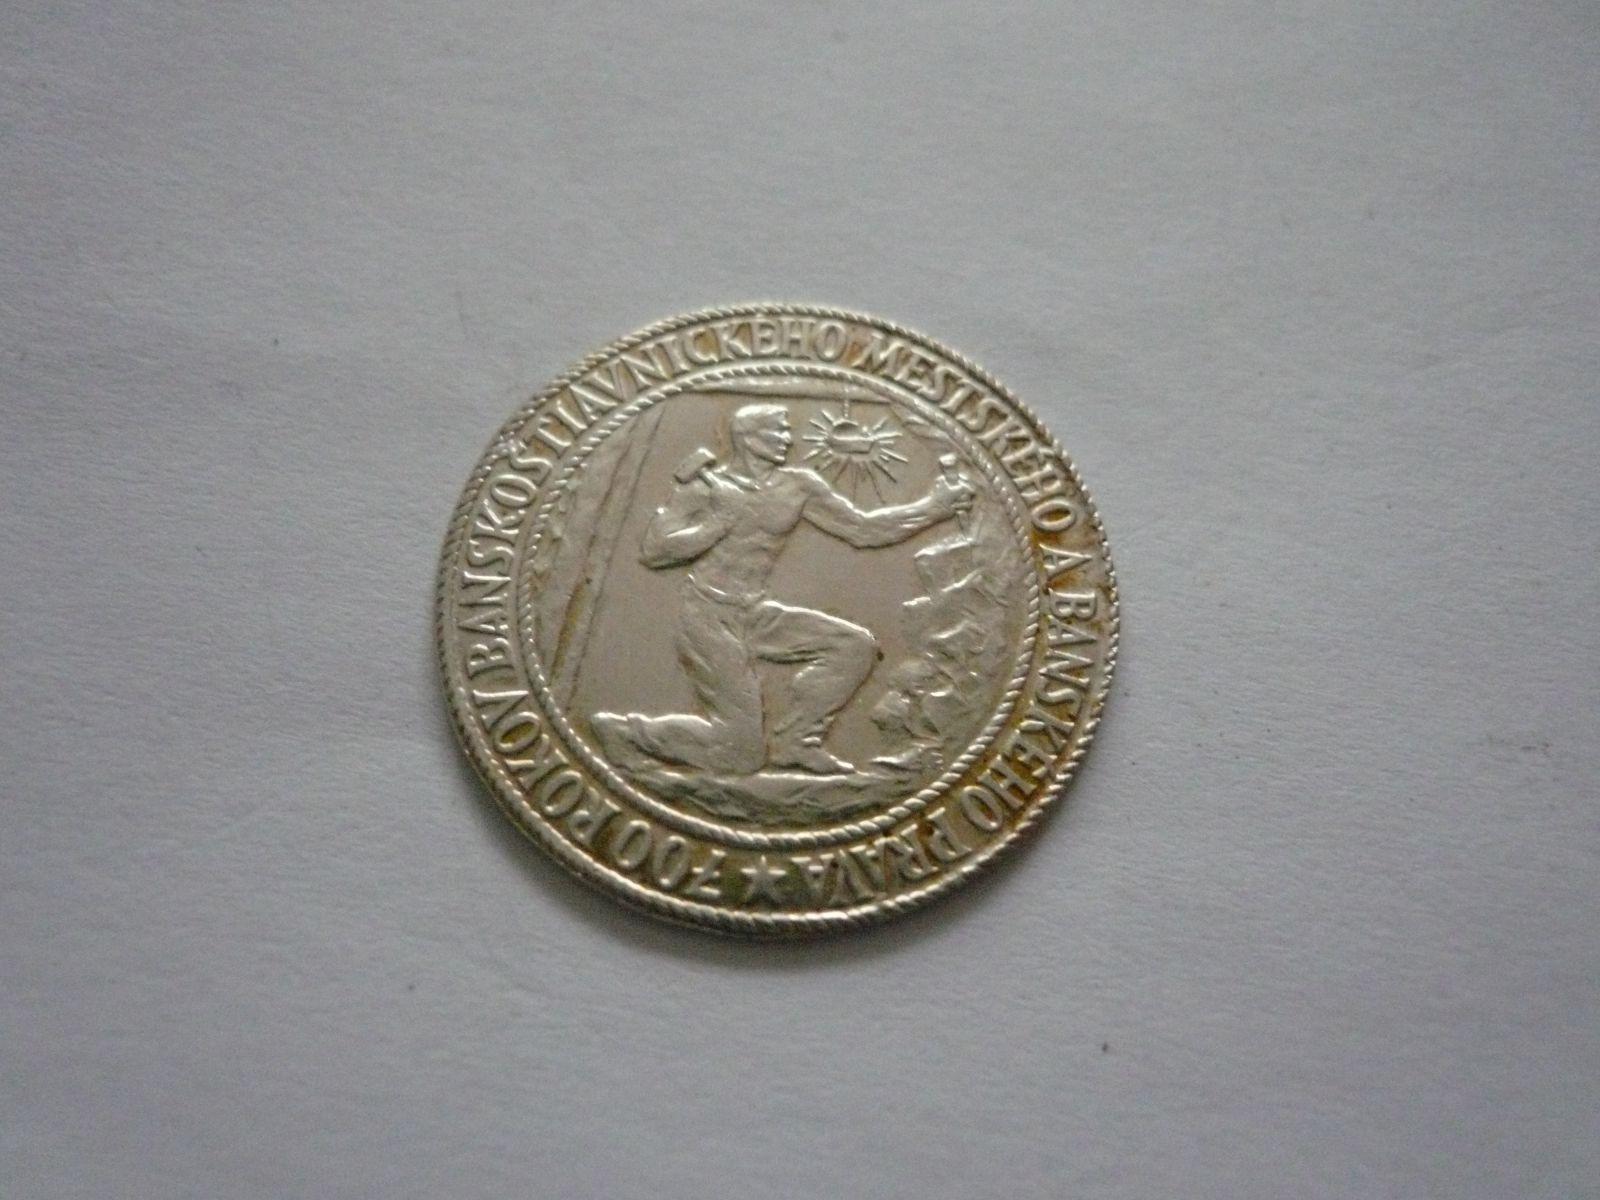 700 let dělostřeleckého práva, Ag medaile, ČSR